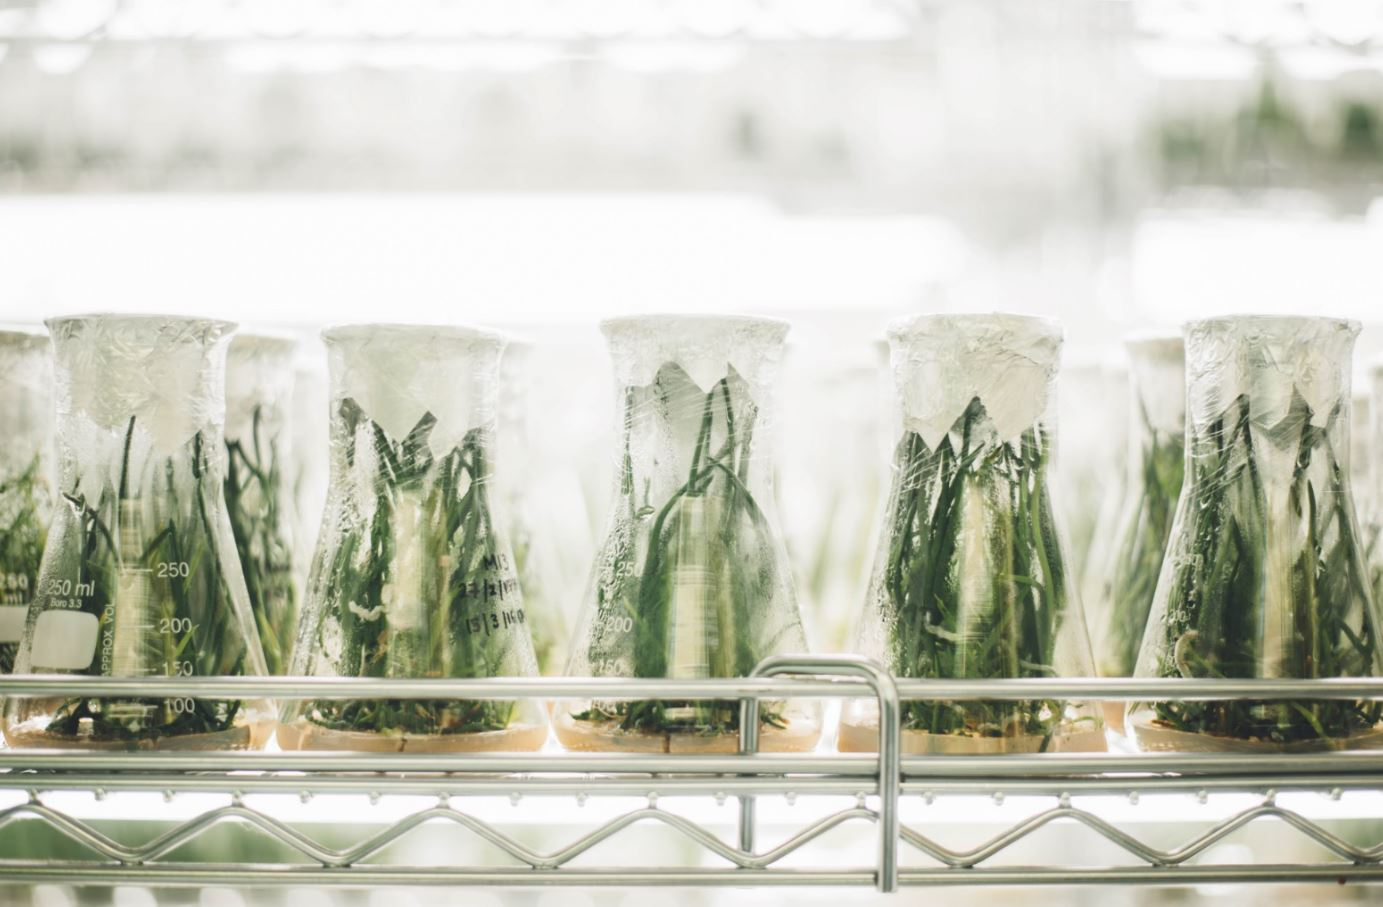 ciencia y desperdicio de comida